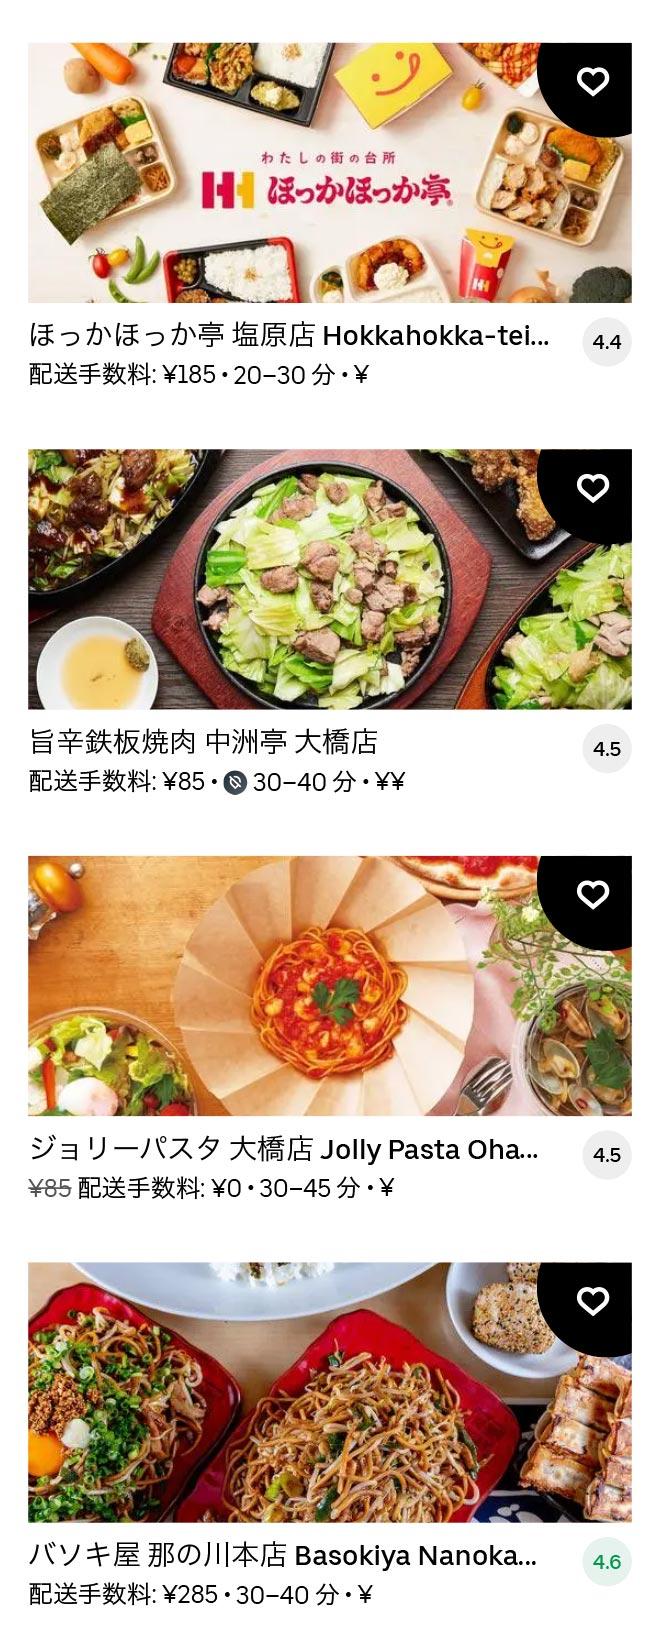 Oohashi menu 2101 10